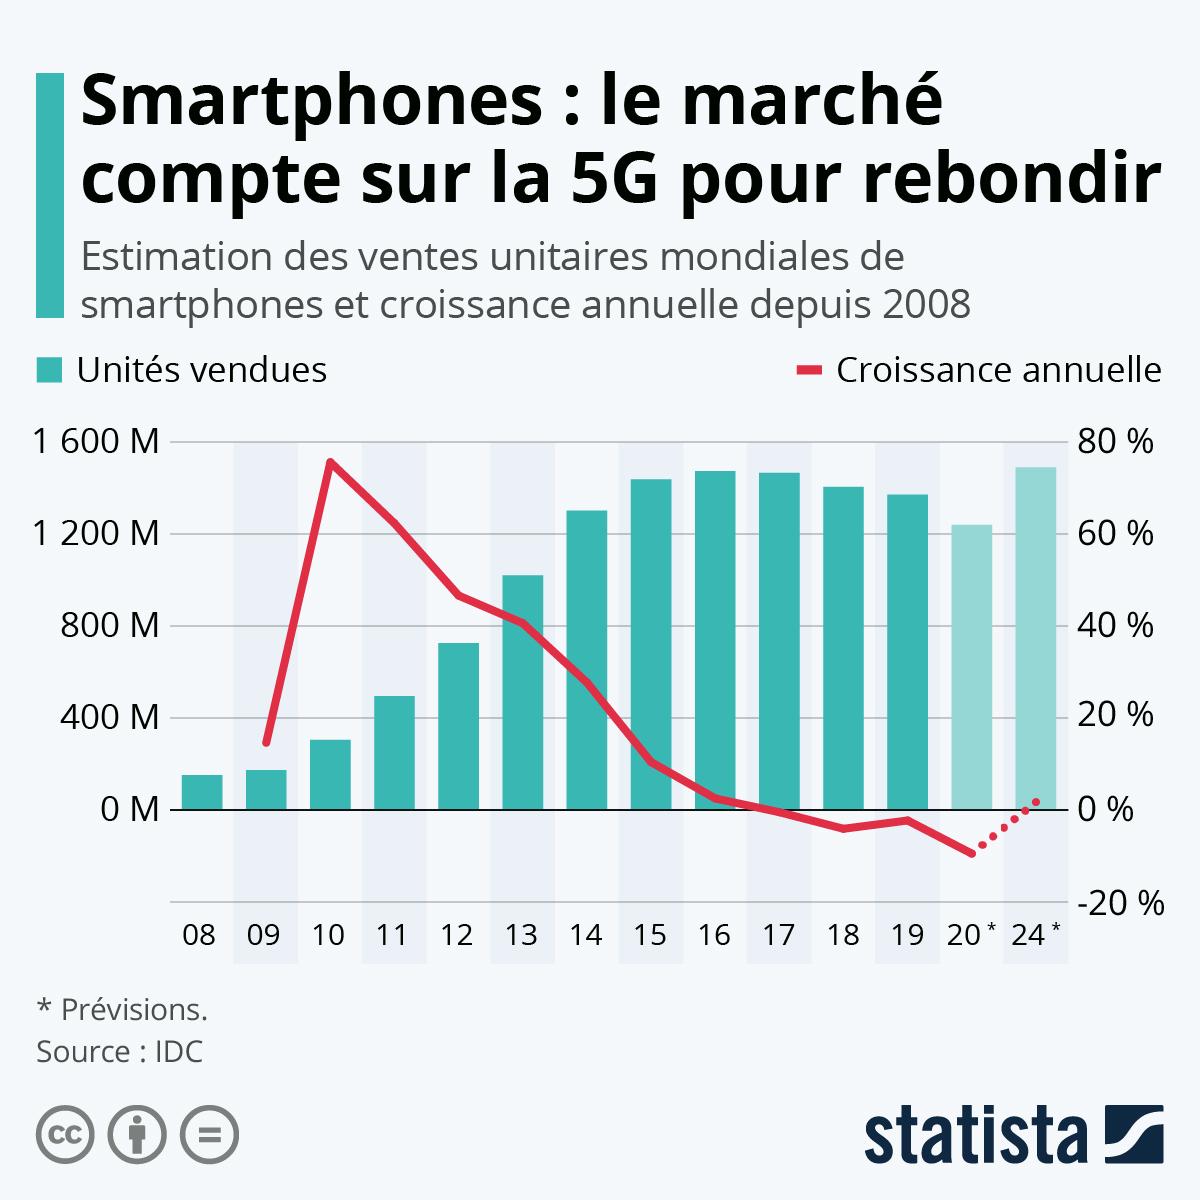 Infographie: Le marché des smartphones compte sur la 5G pour rebondir | Statista